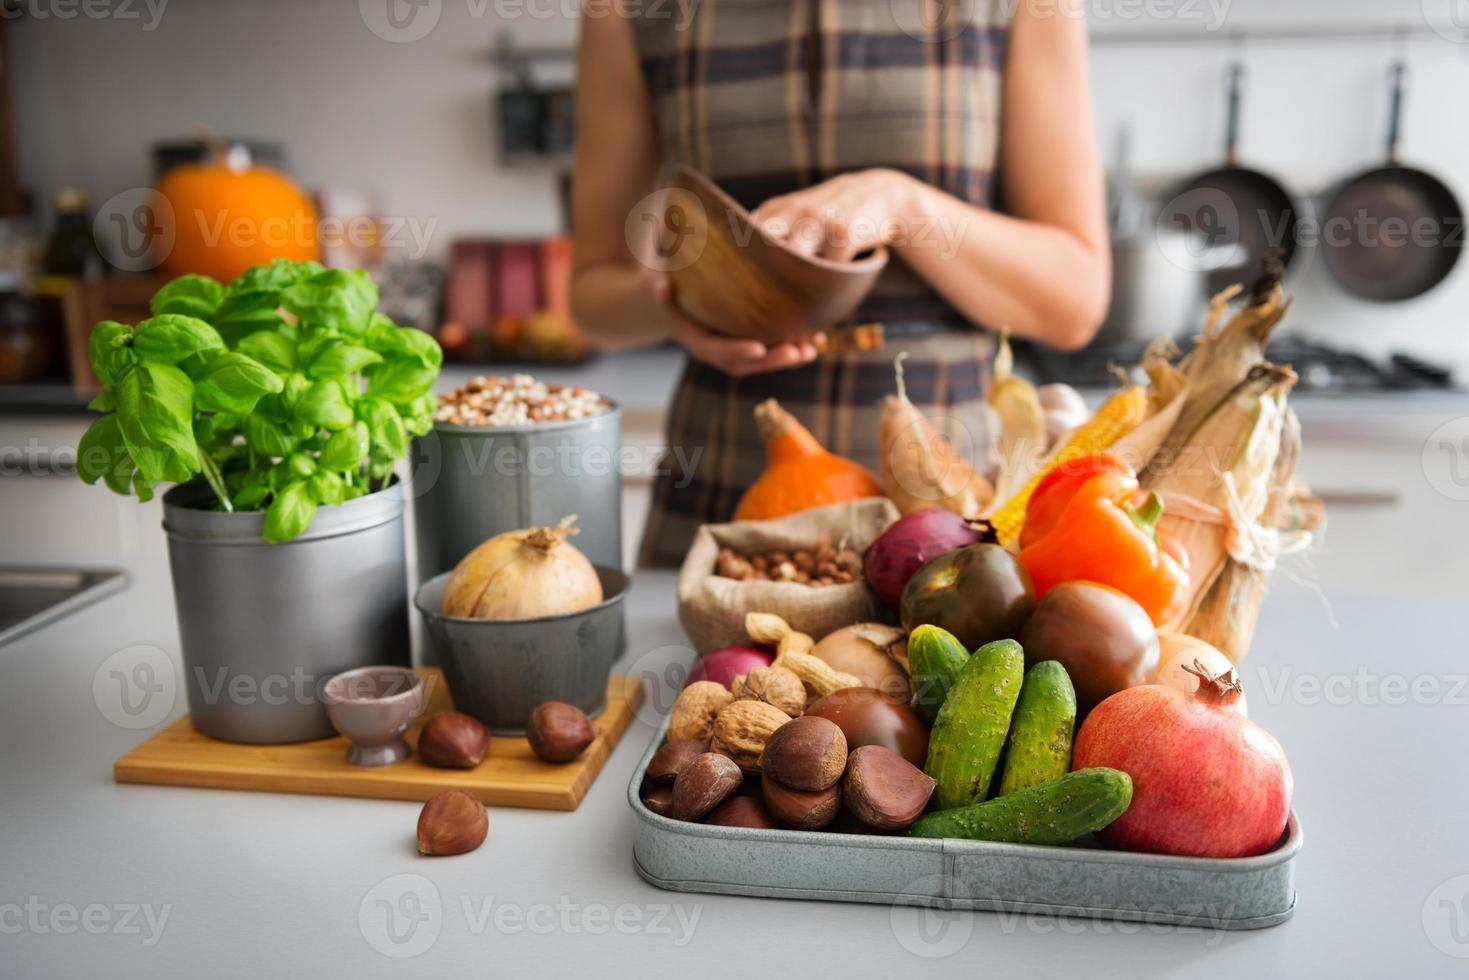 Auswahl an Herbstobst und -gemüse auf der Küchentheke foto